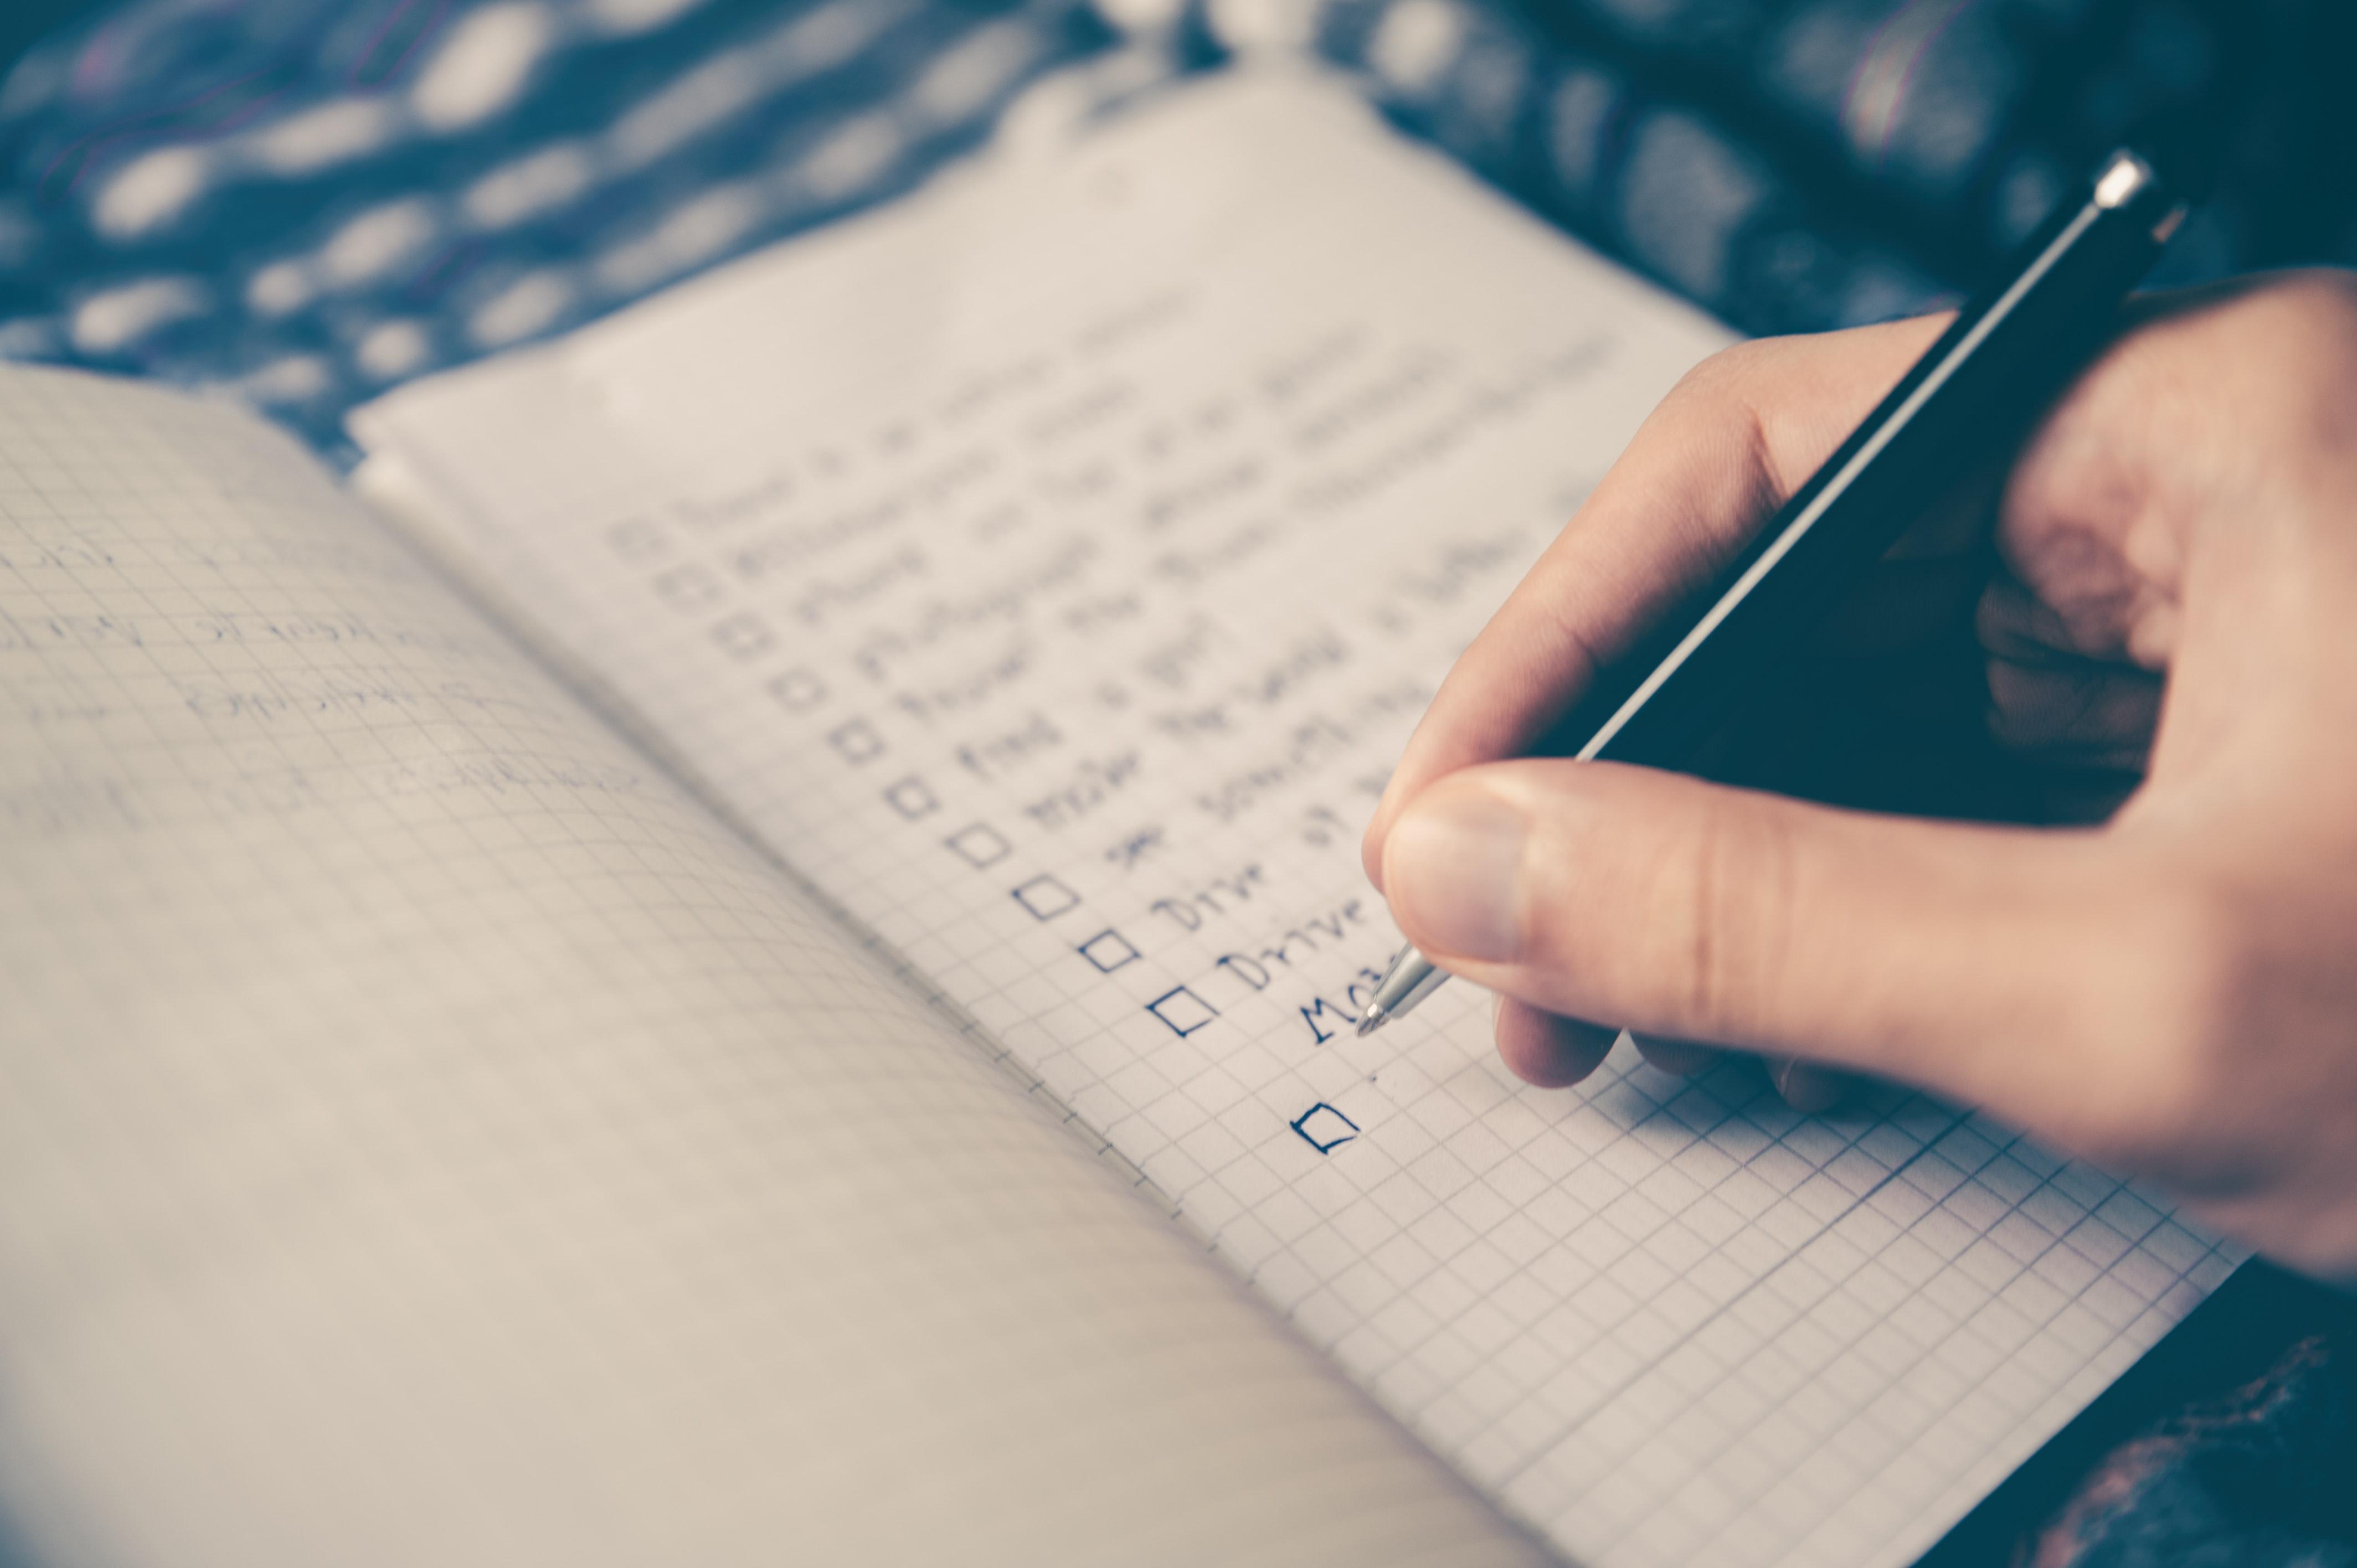 Mano escribe una lista de pendientes en un work